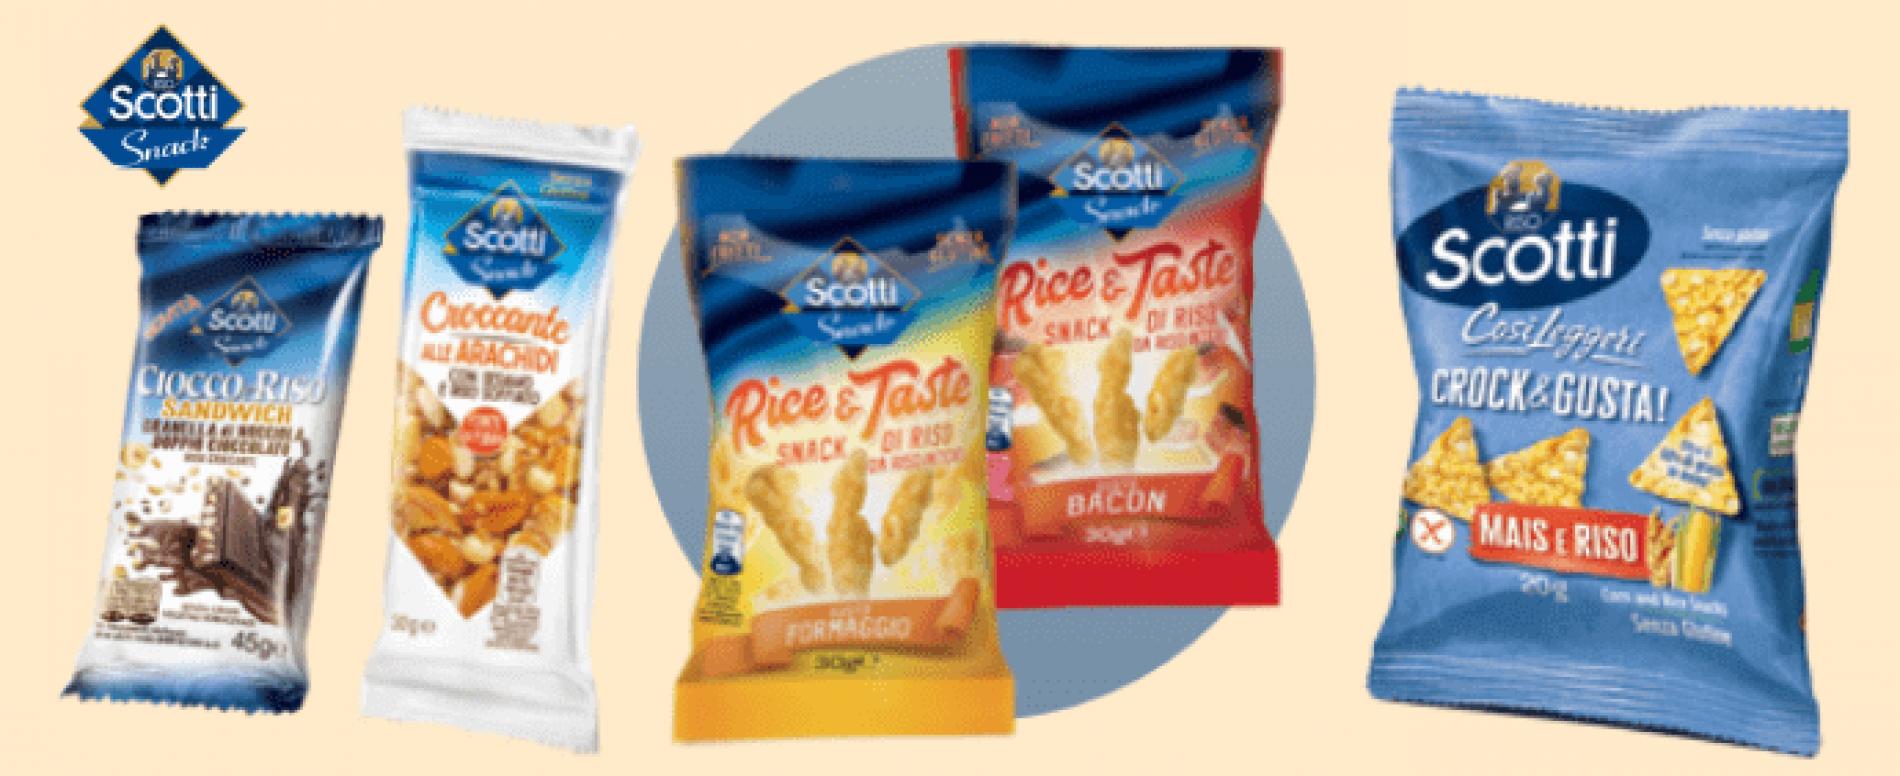 Le ultime novità di Riso Scotti Snack per il canale Vending